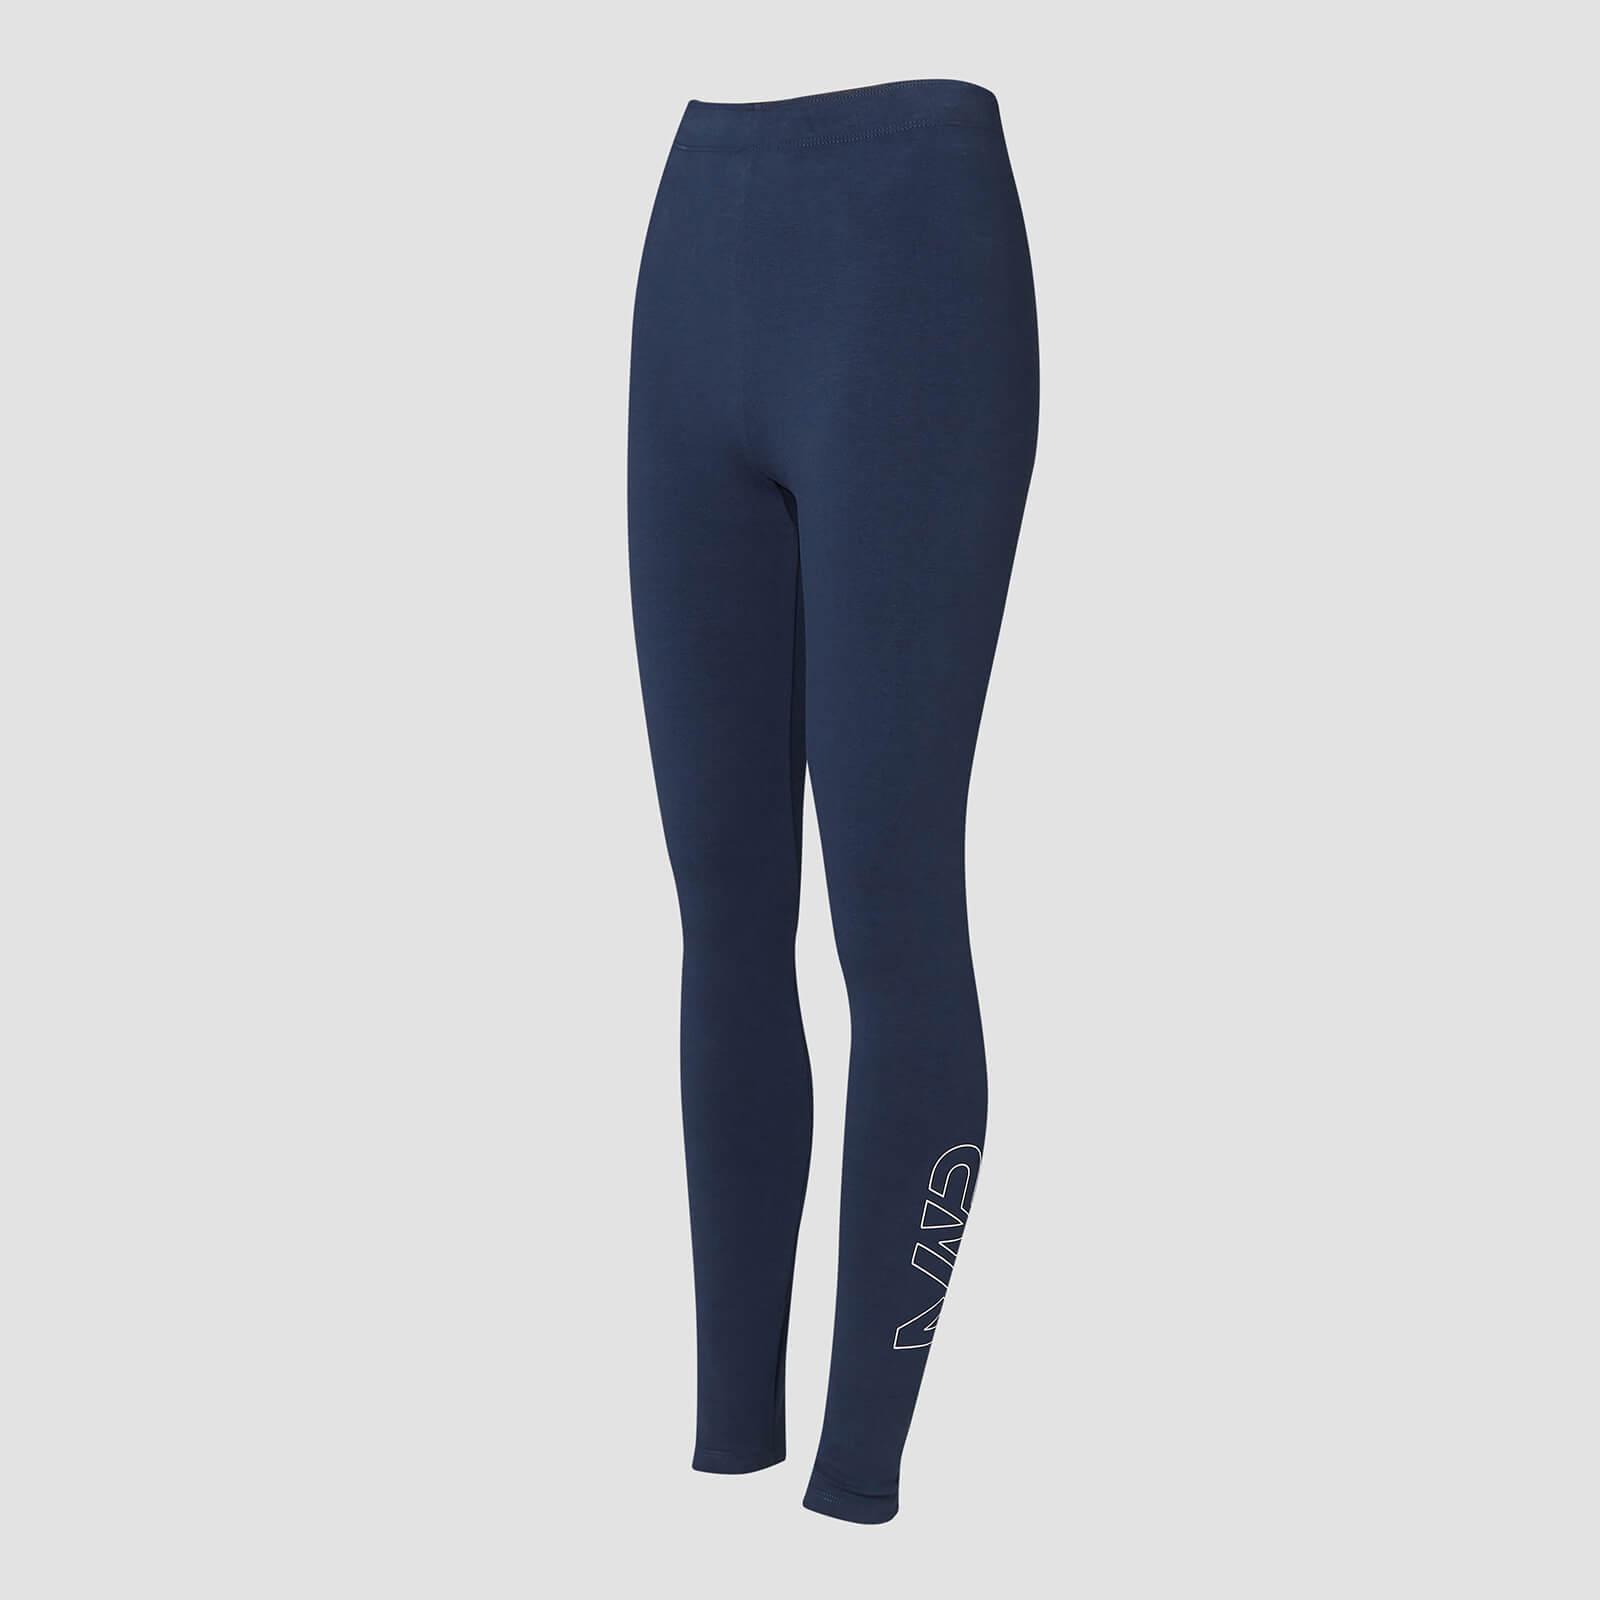 Legging MP Jersey - Bleu Foncé - XXS